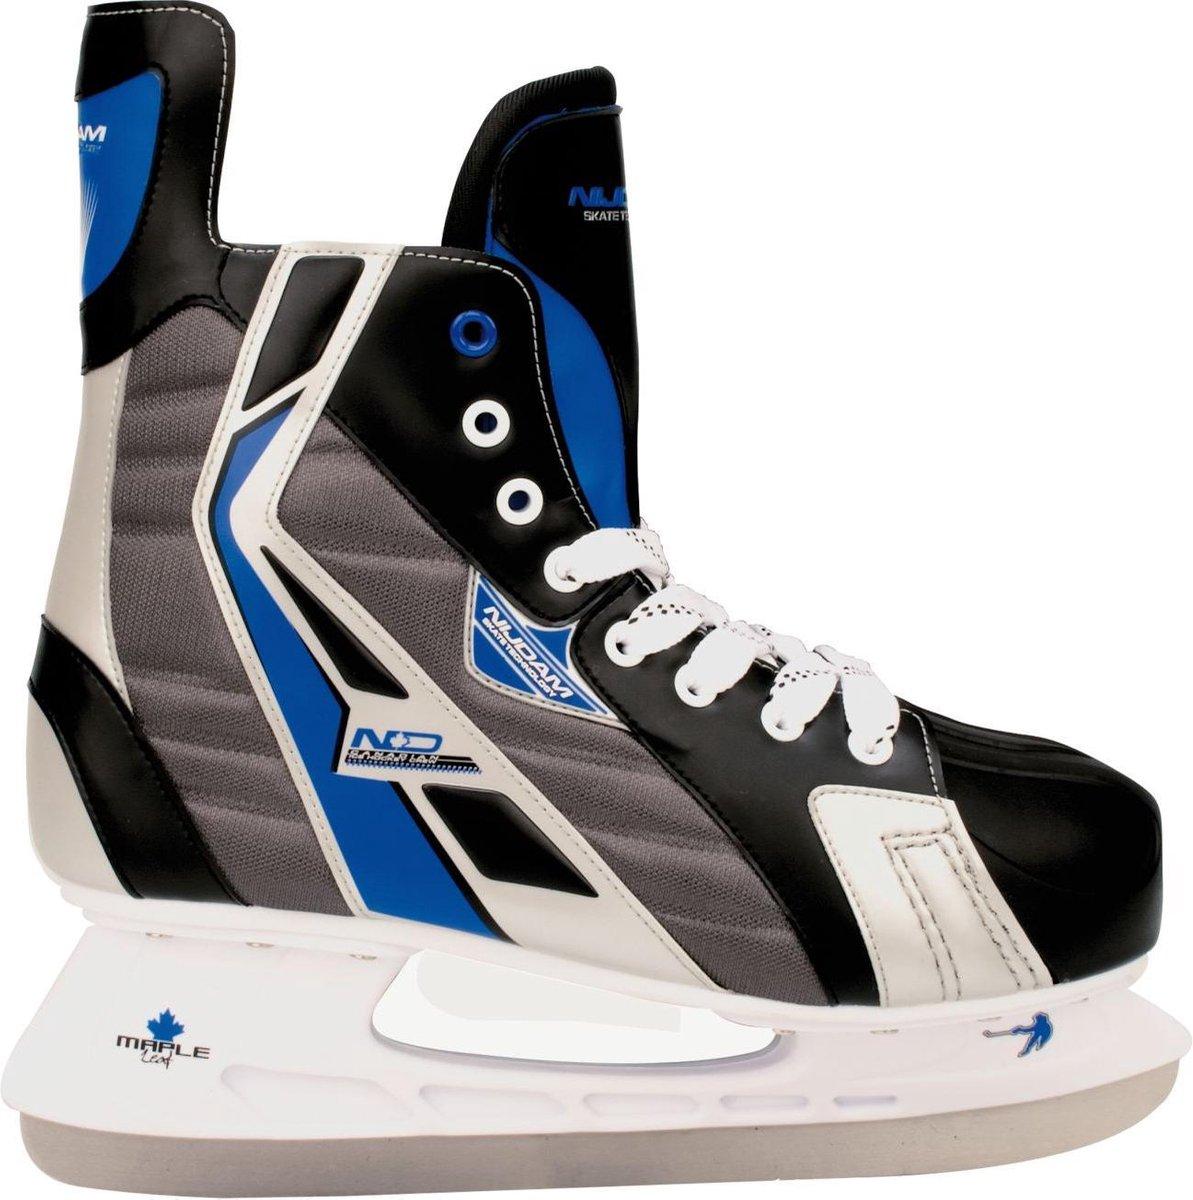 Nijdam IJshockeyschaats Polyester - Deluxe - Zwart/Blauw/Zilver - 44